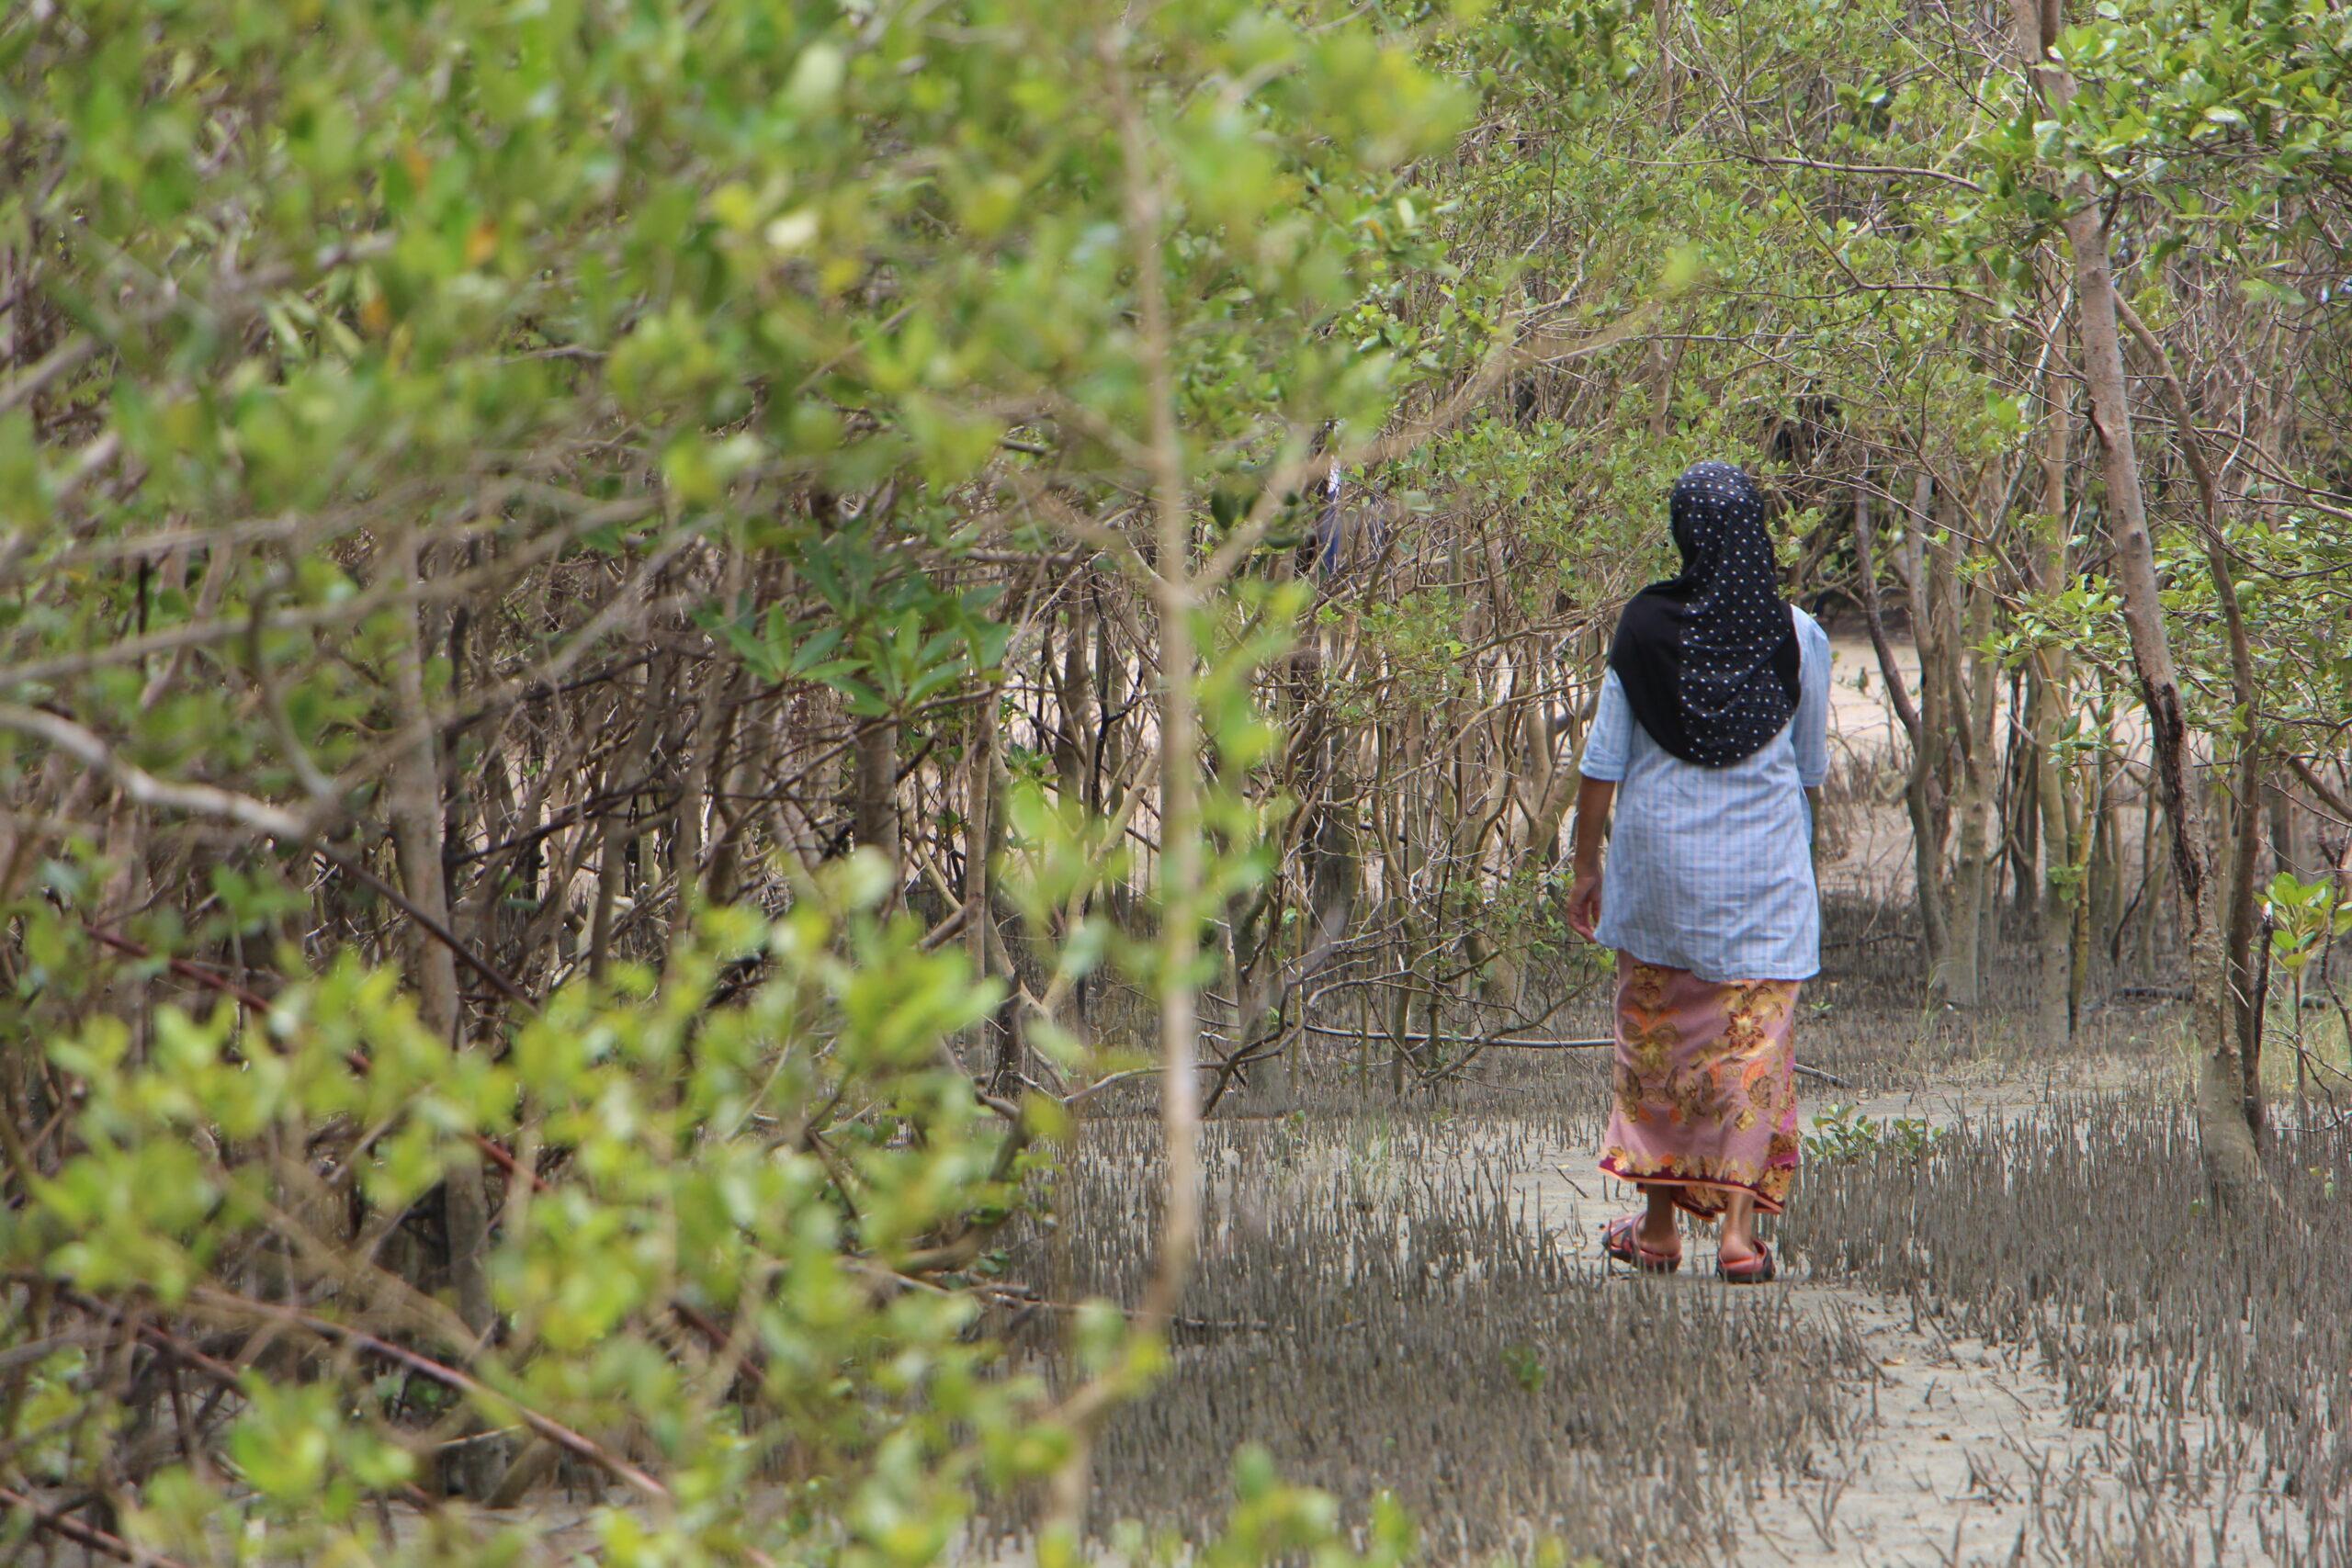 """ชุมชนจัดการตนเอง : ประสบการณ์บ้าน """"บ้านบุโบย"""" จังหวัดสตูล"""